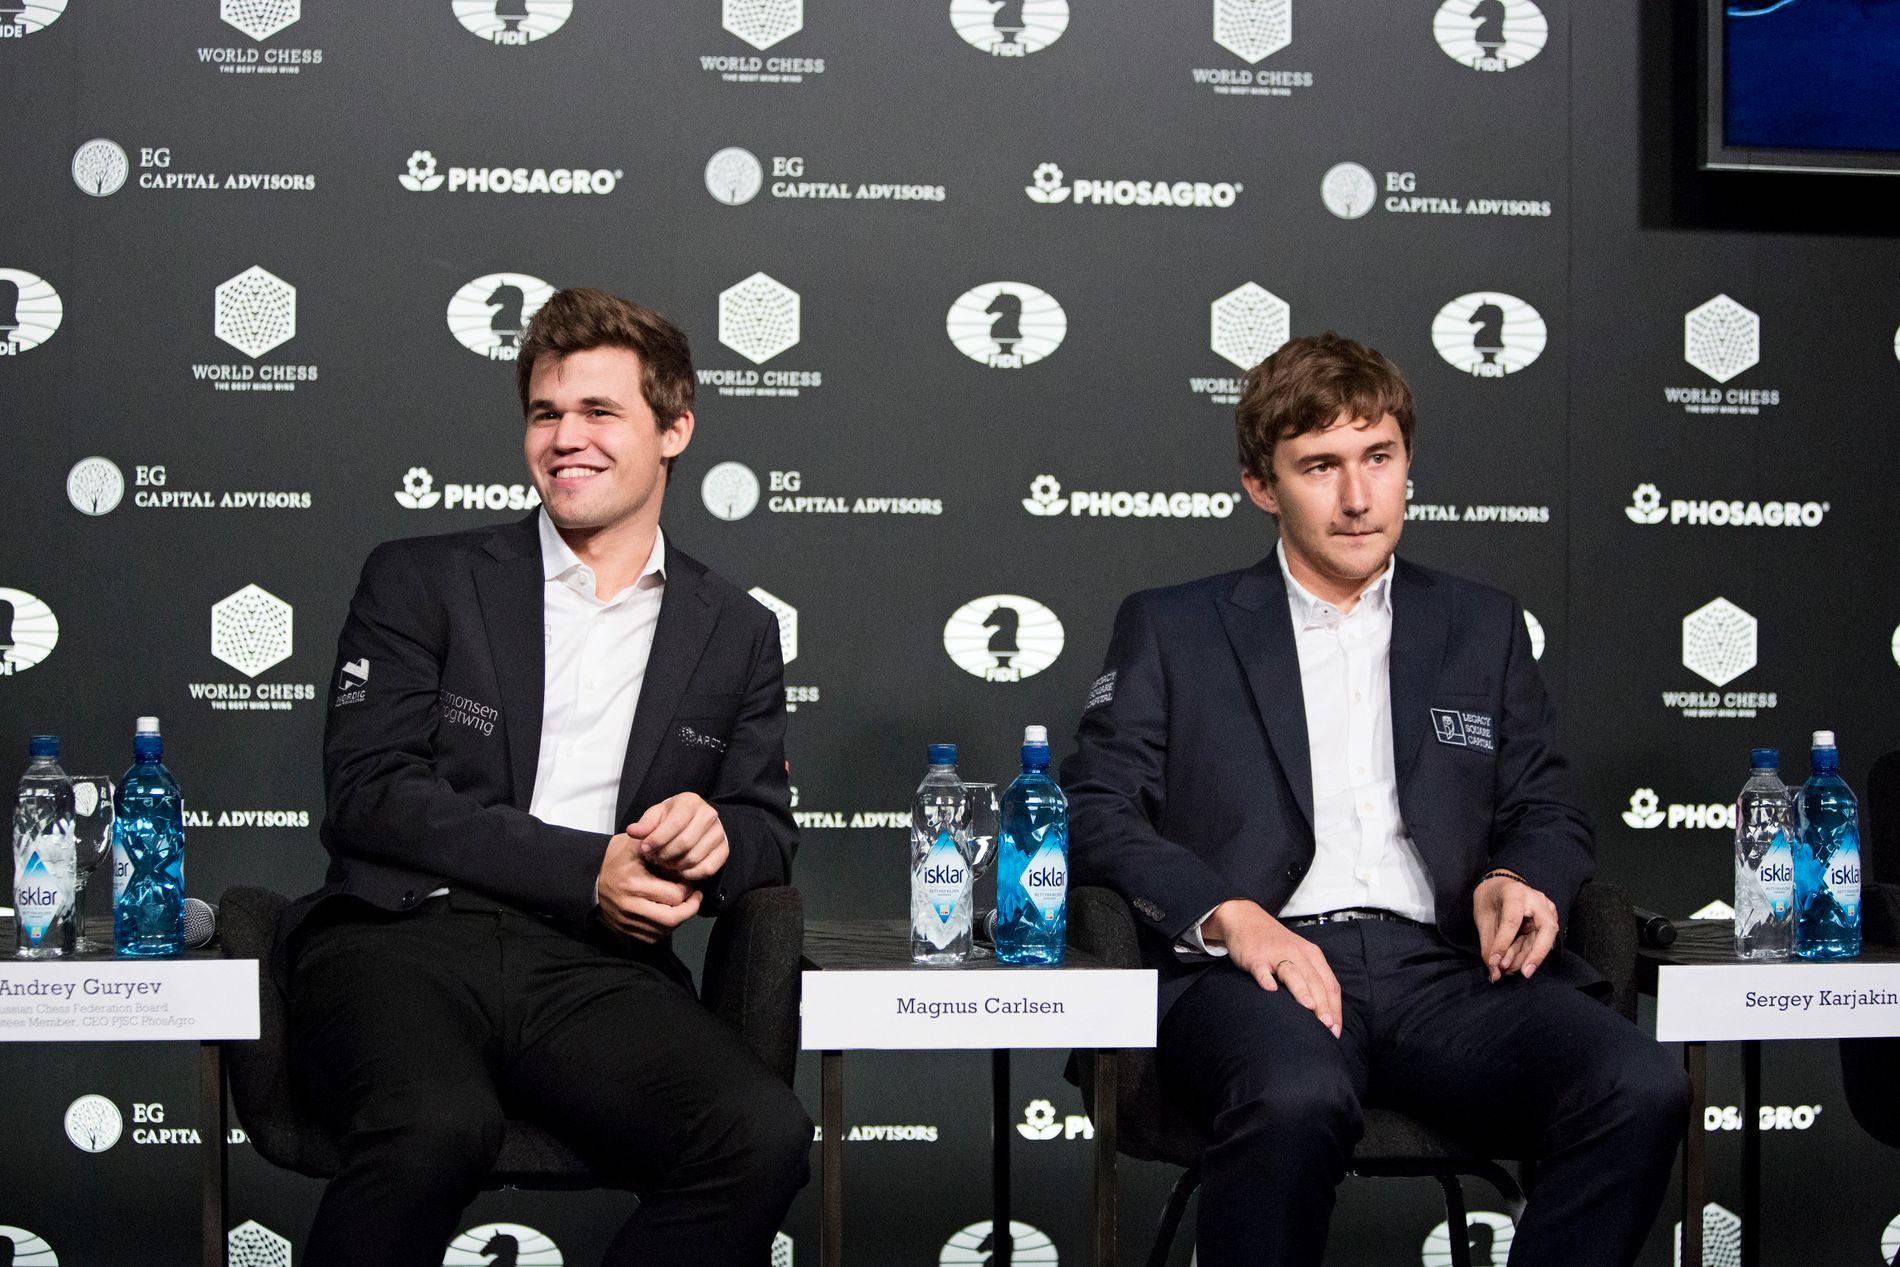 HVEM VANT? Det er ganske lett å tolke ut av dette bildet. Magnus Carlsen til venstre og Sergej Karjakin til høyre.